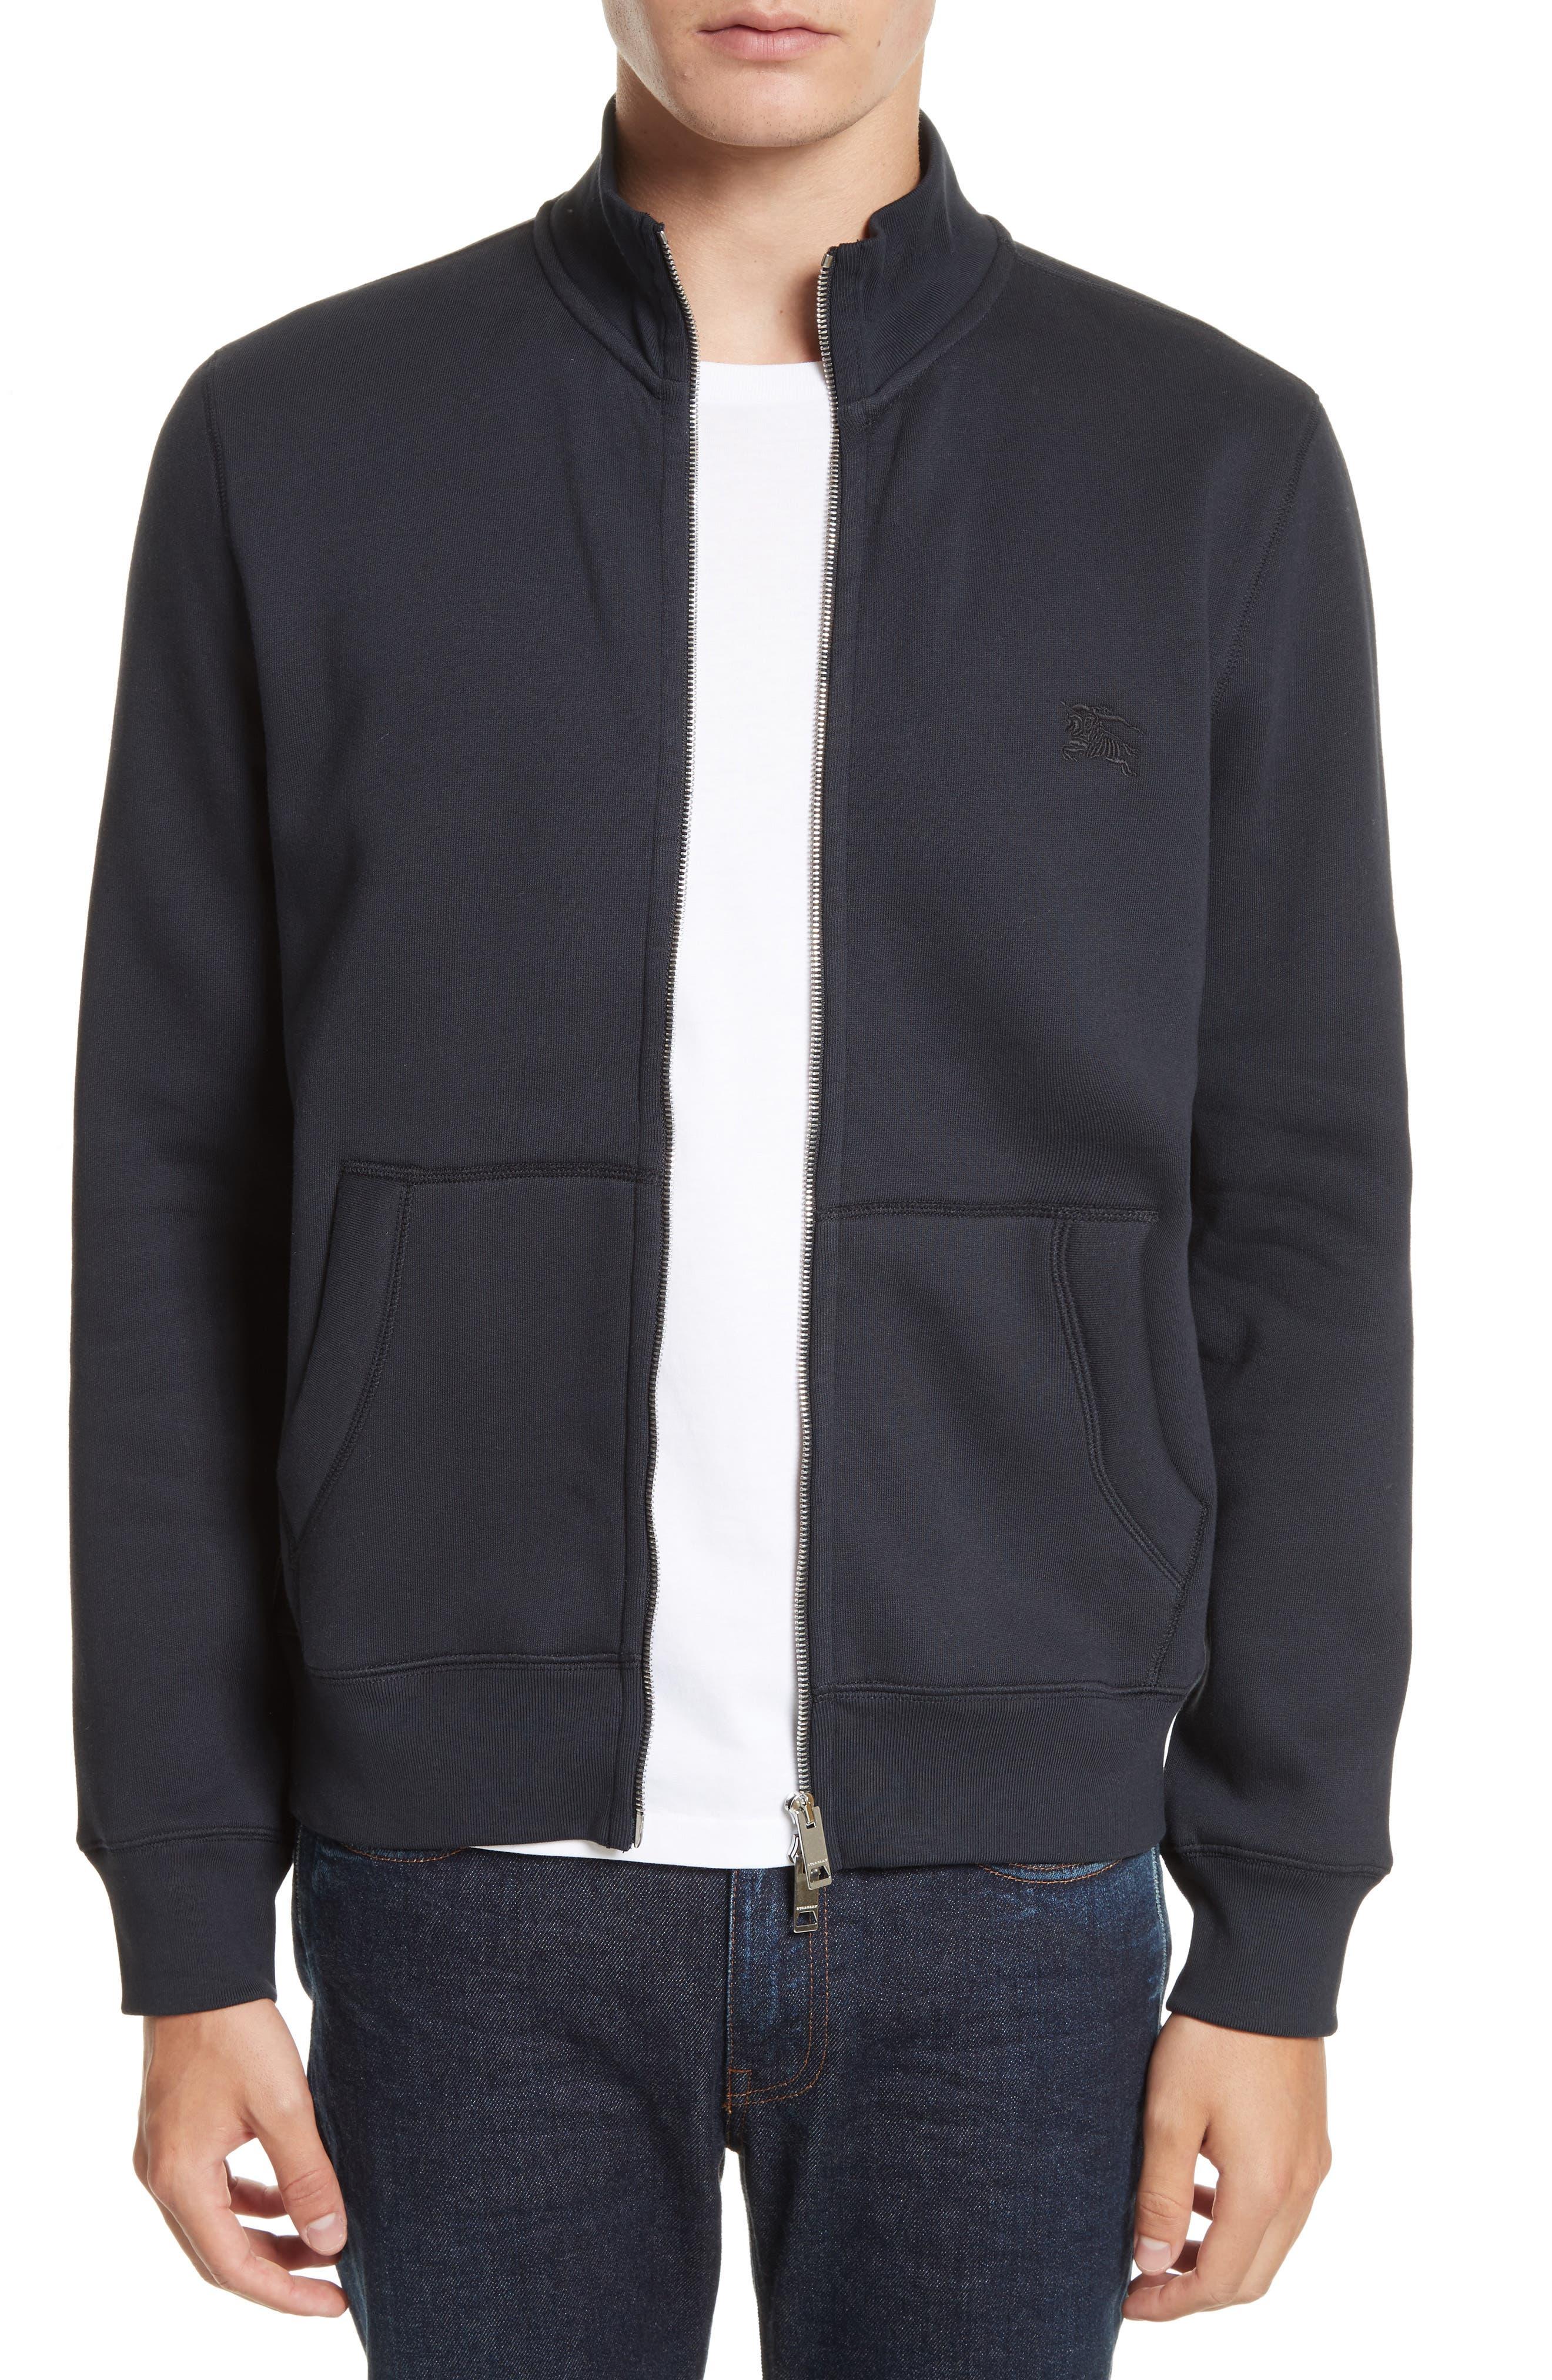 Burberry Sheltone Full Zip Fleece Jacket